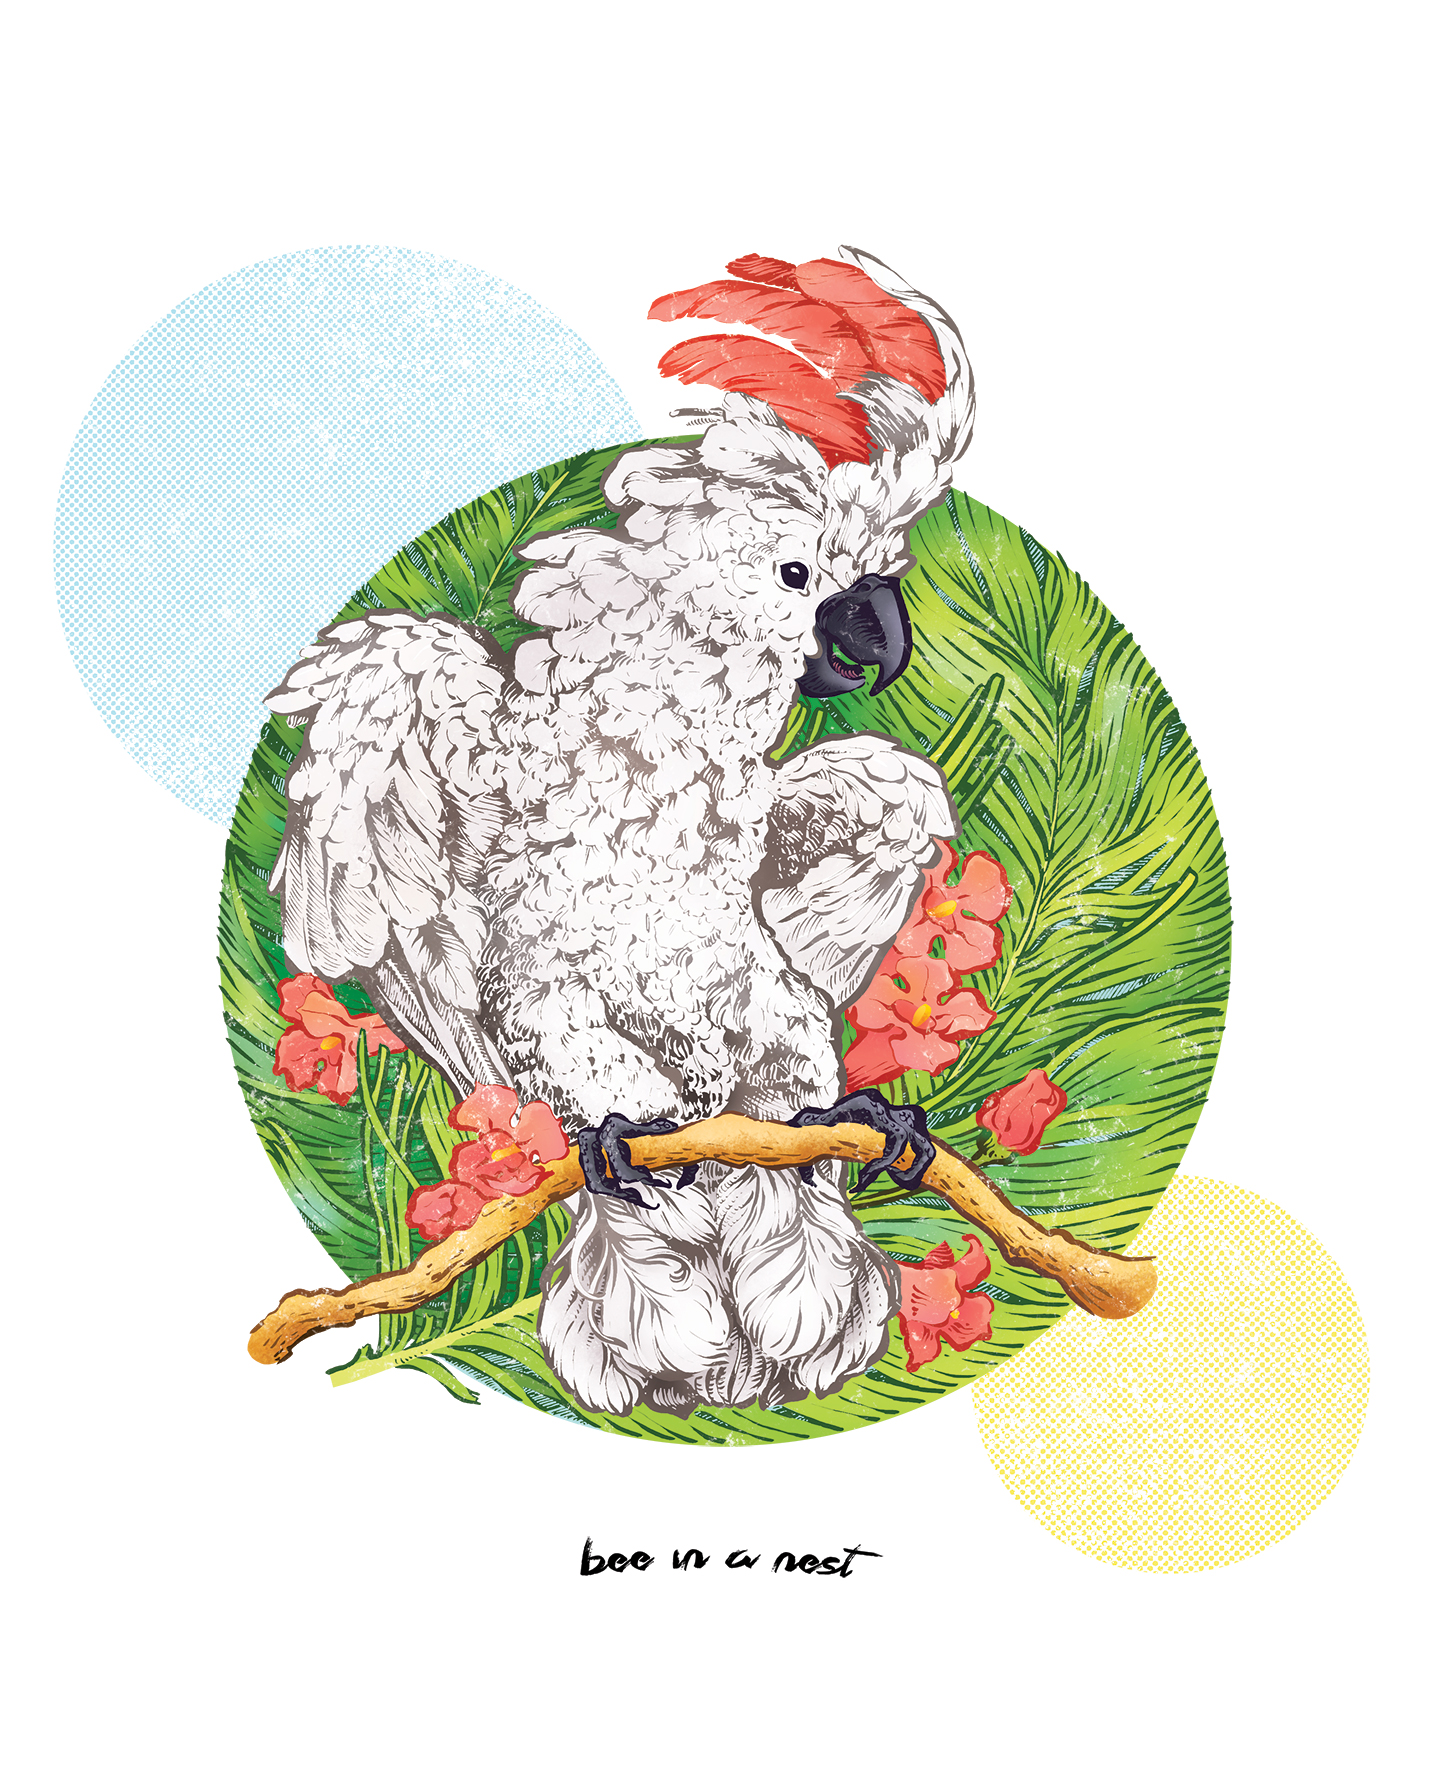 Questo pappagallo mi mette di buon umore. - Avevo voglia di creare qualcosa di colorato e tropicale come amuleto porta fortuna per un po' di bel tempo.Nonostante mio papà ieri sera mi ha comunicato l'imminente neve a bassa quota, io sono ancora molto fiduciosa.